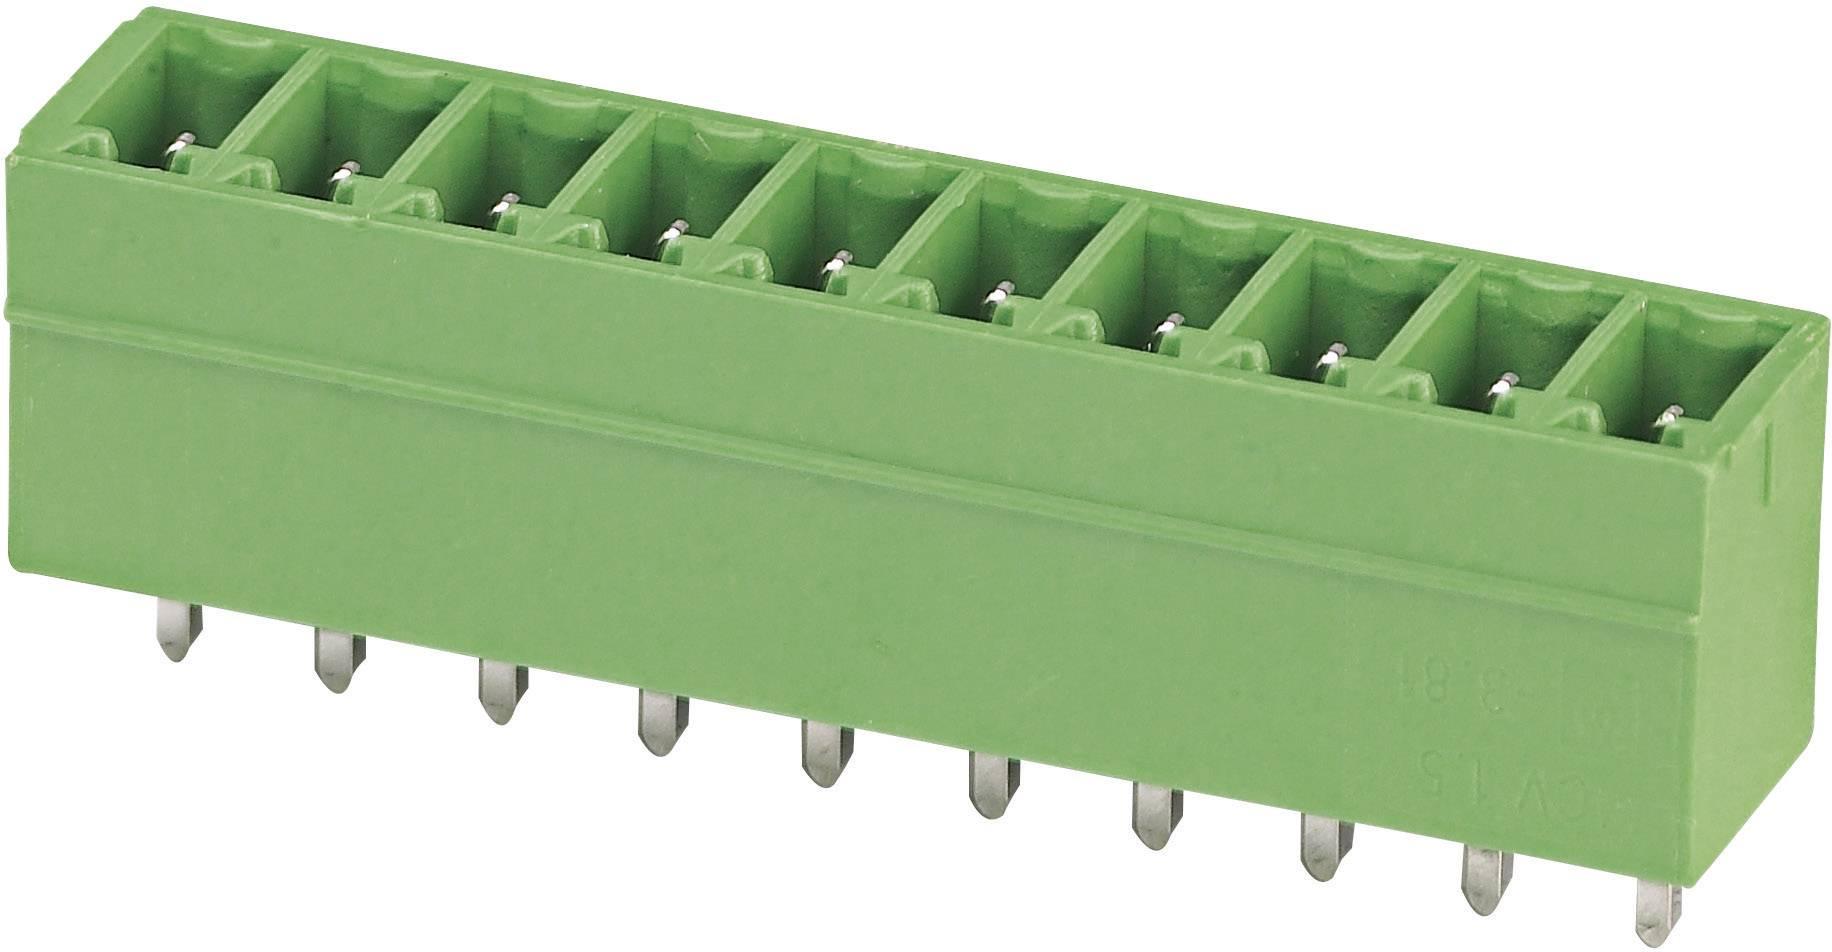 Svorkovnice 1řadá do DPS Phoenix Contact MCV 1,5/ 6-G-3,5 (1843648), 6pól., zelená